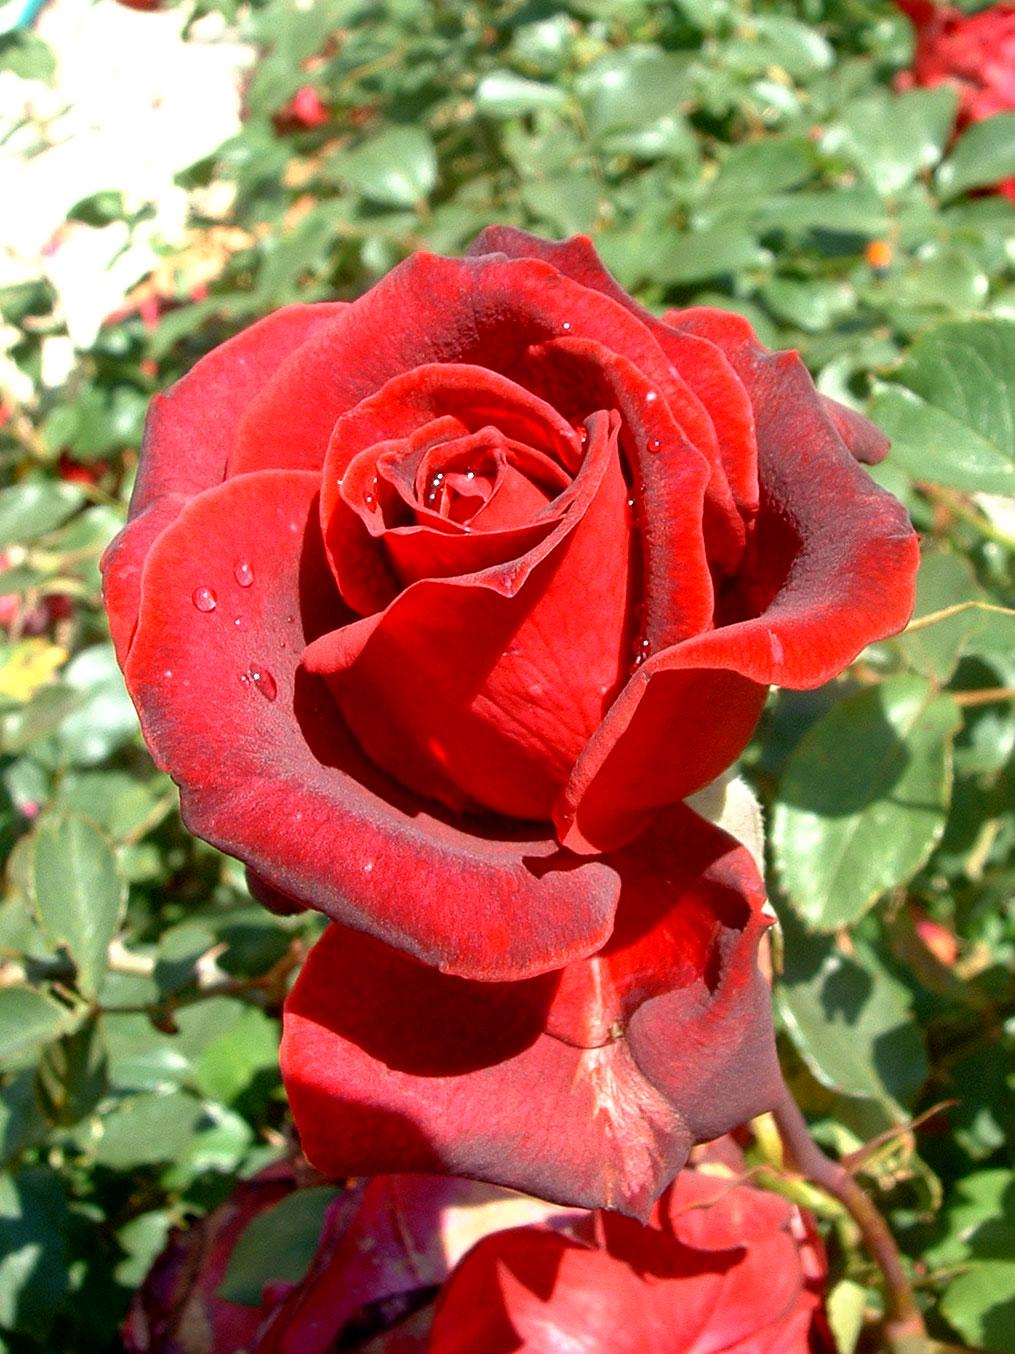 gran rosa roja abierta - Fotos De Rosas Rojas Grandes